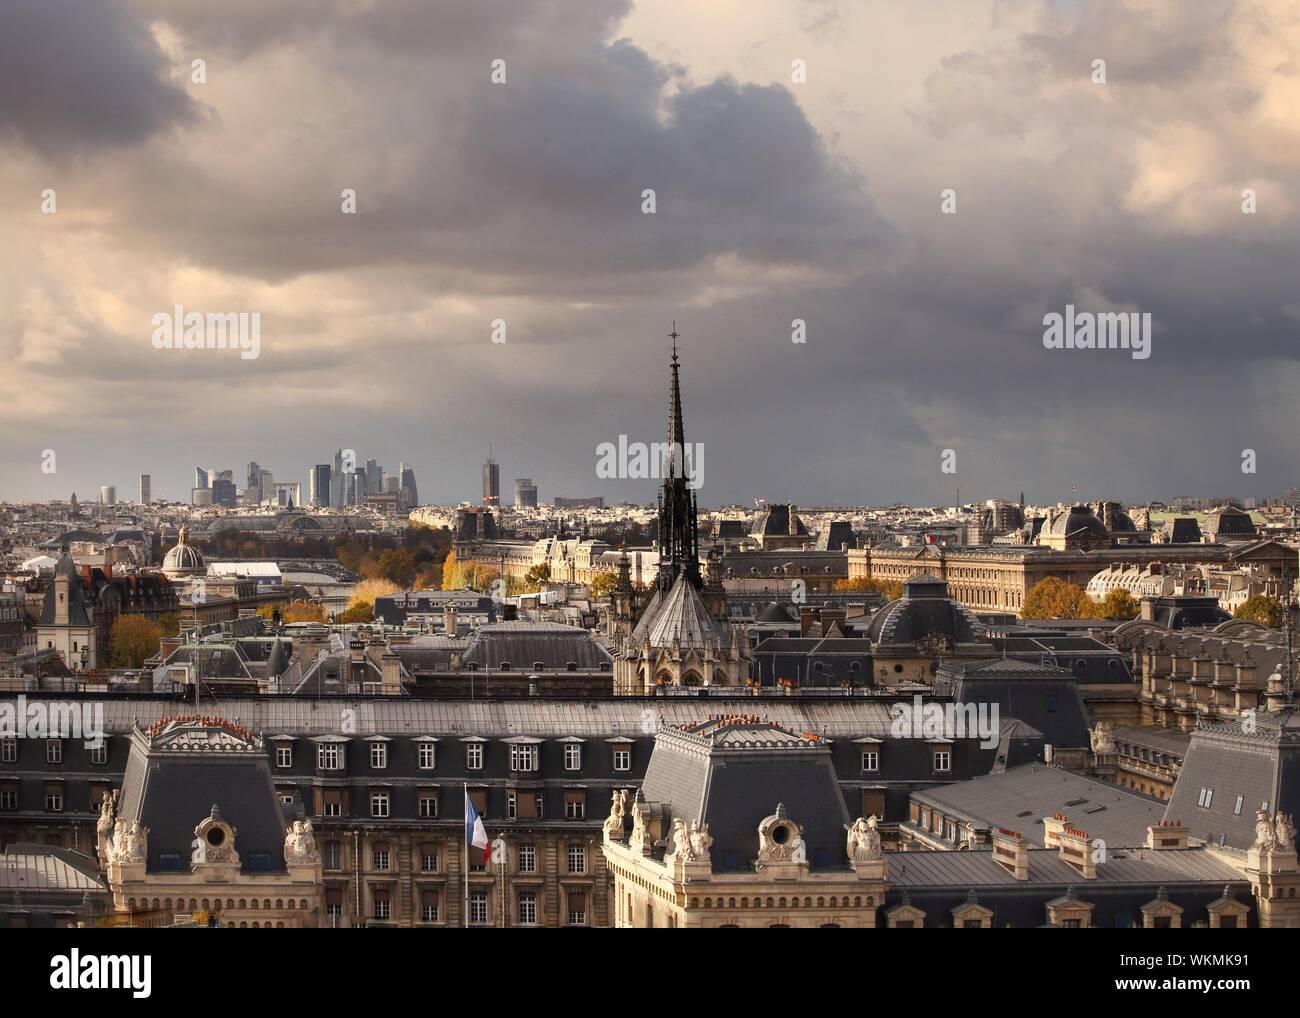 Cityscape contre Ciel nuageux Banque D'Images